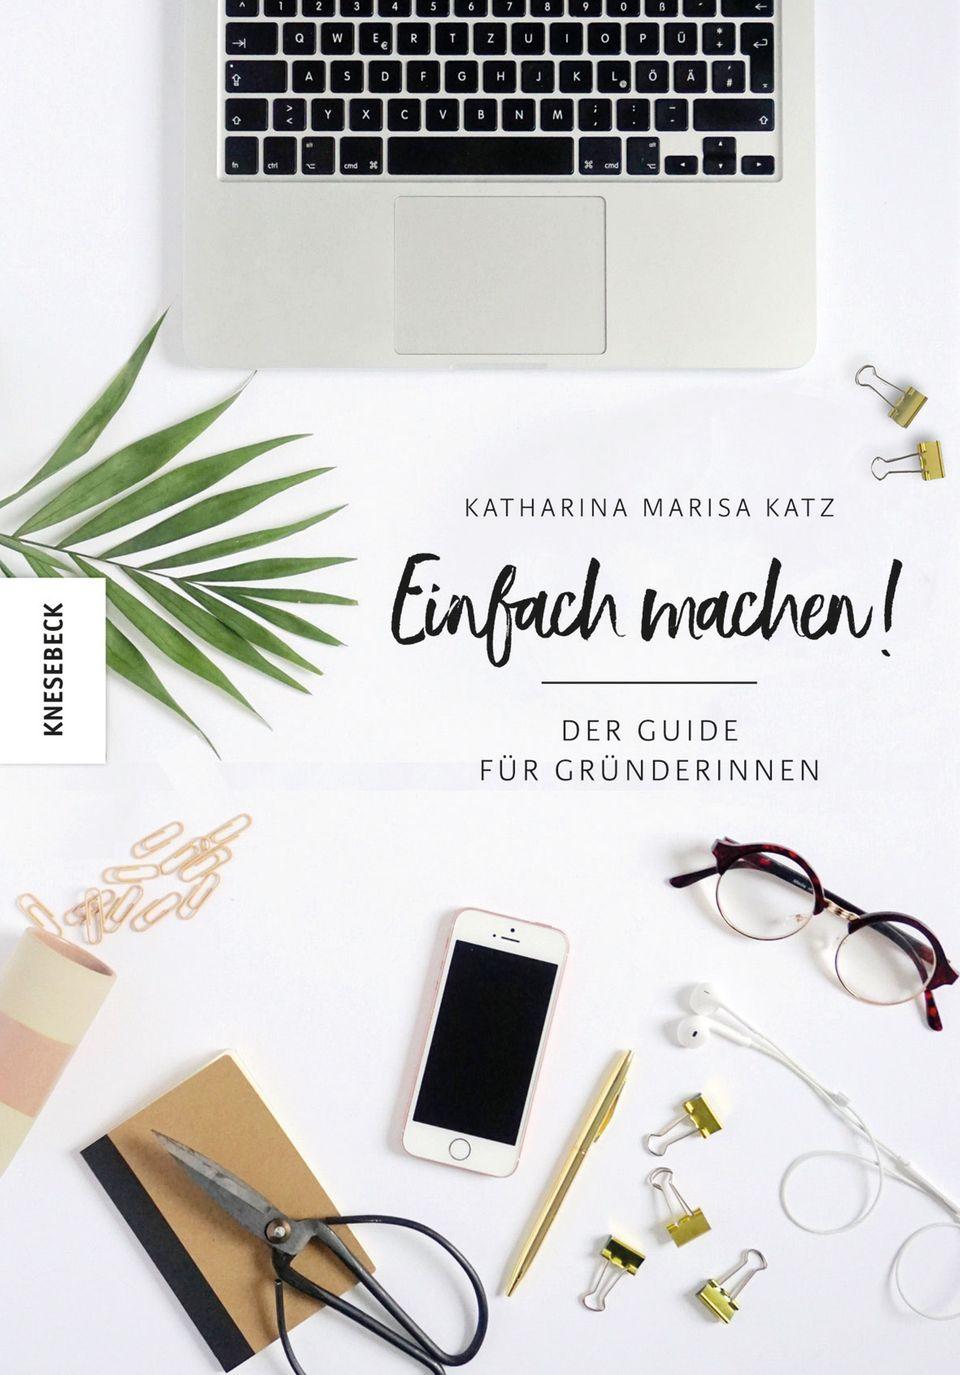 """In ihrem Buch """"Einfach machen"""" gibt Katharina Marisa Katz Tipps für potentielle GründerInnen"""